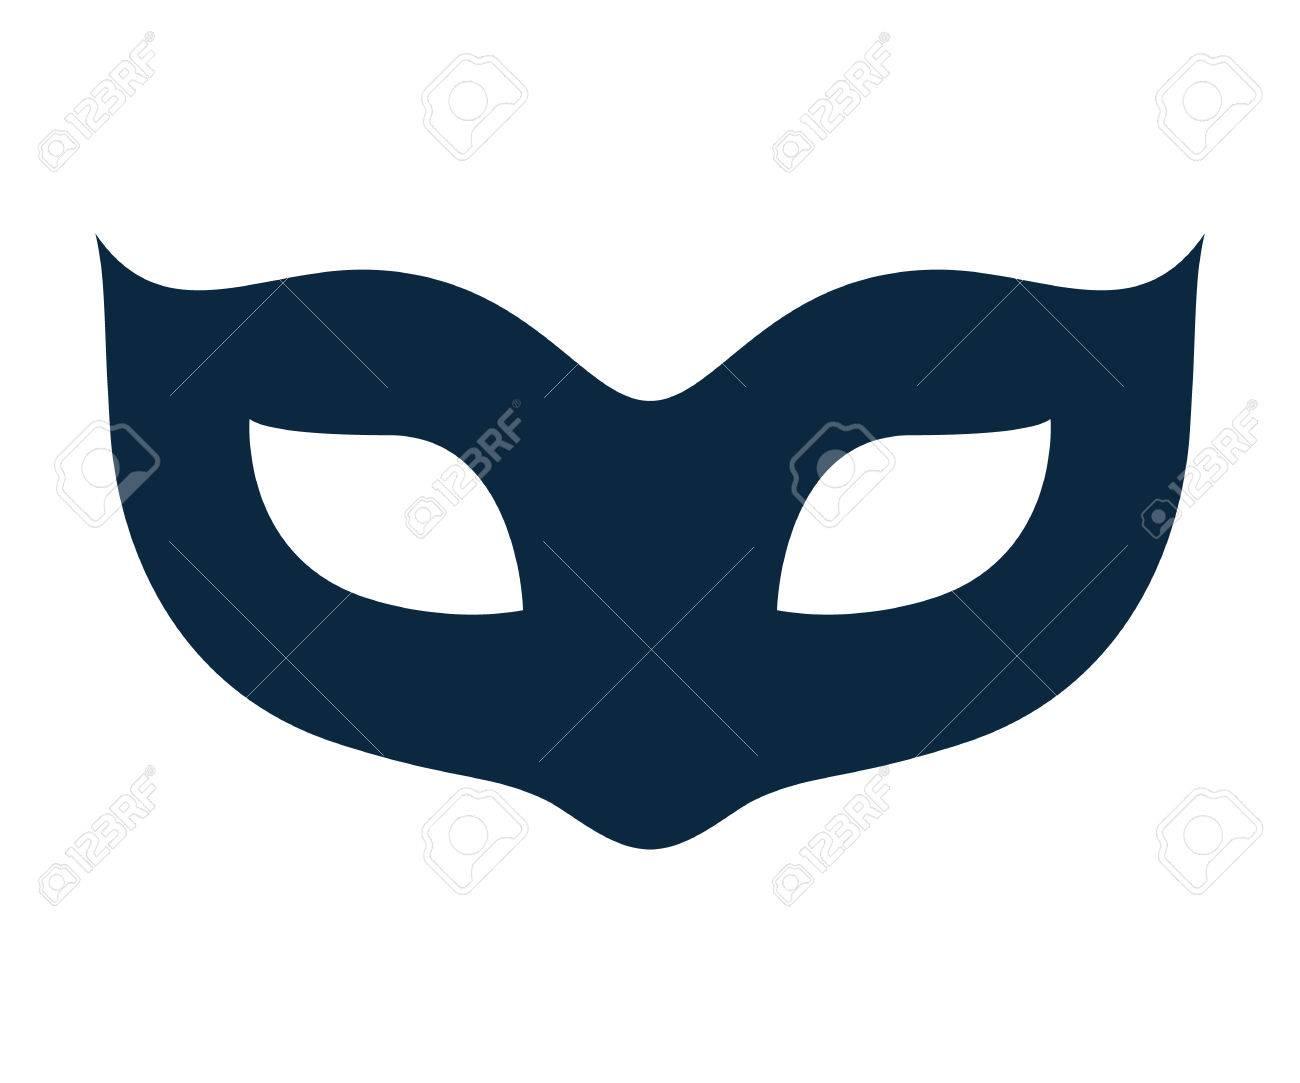 空白カーニバル マスク アイコン テンプレート イラストパーティ仮面